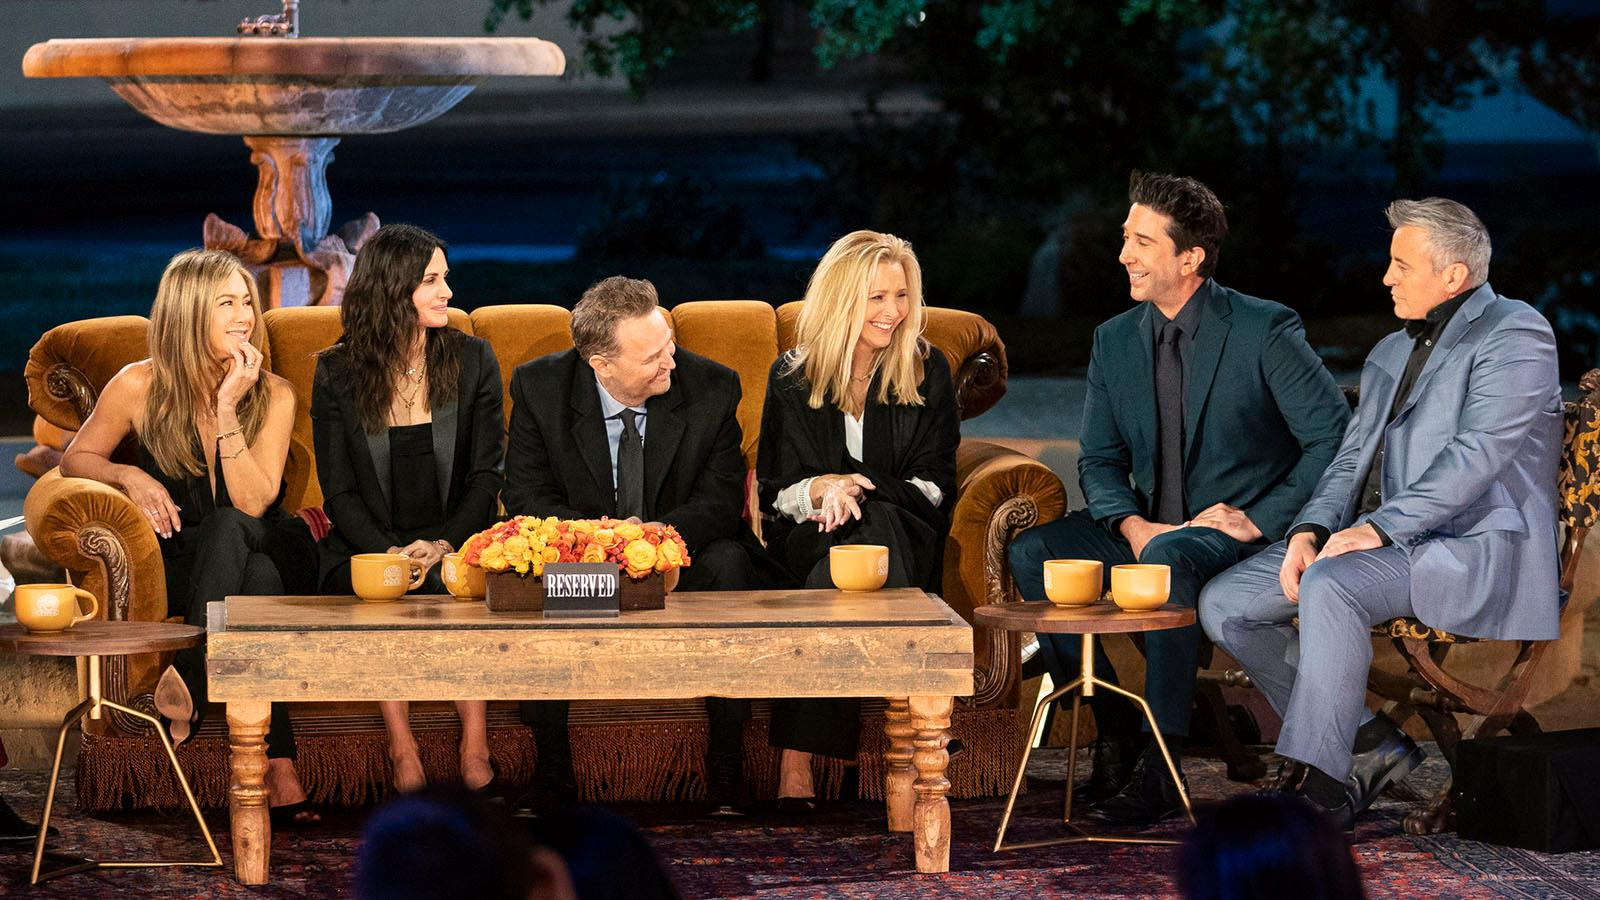 """Återföreningen av """"Vänner"""" 2021. Från vänster Jennifer Aniston, Courteney Cox, Matthew Perry, Lisa Kudrow, David Schwimmer och Matt LeBlanc."""